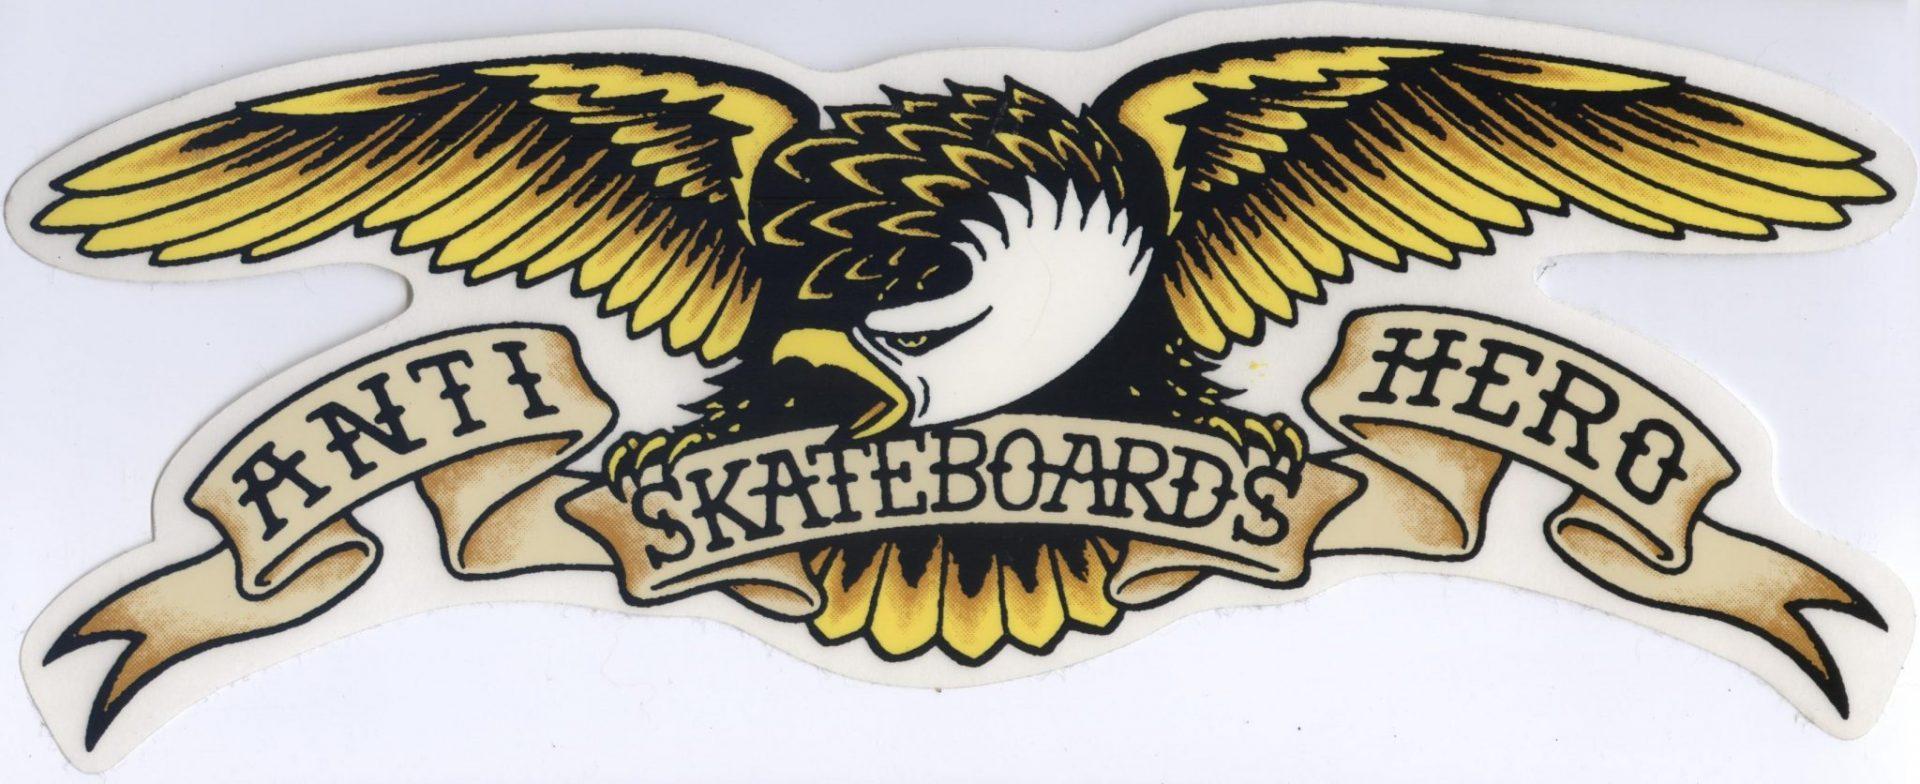 Antihero skateboards